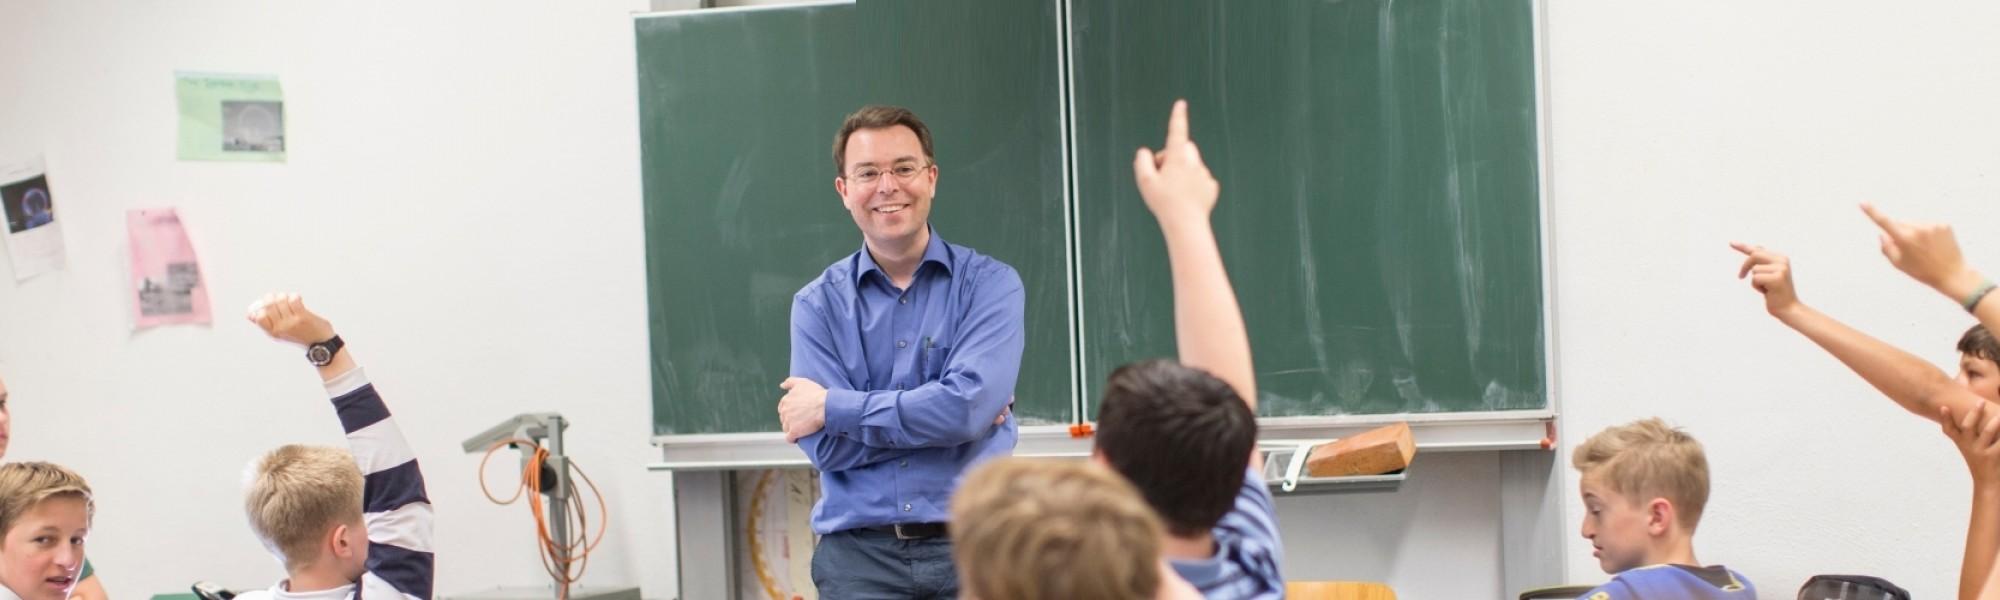 Wer hat eine Frage? Unterrichts-Situation mit Pater Modemann.